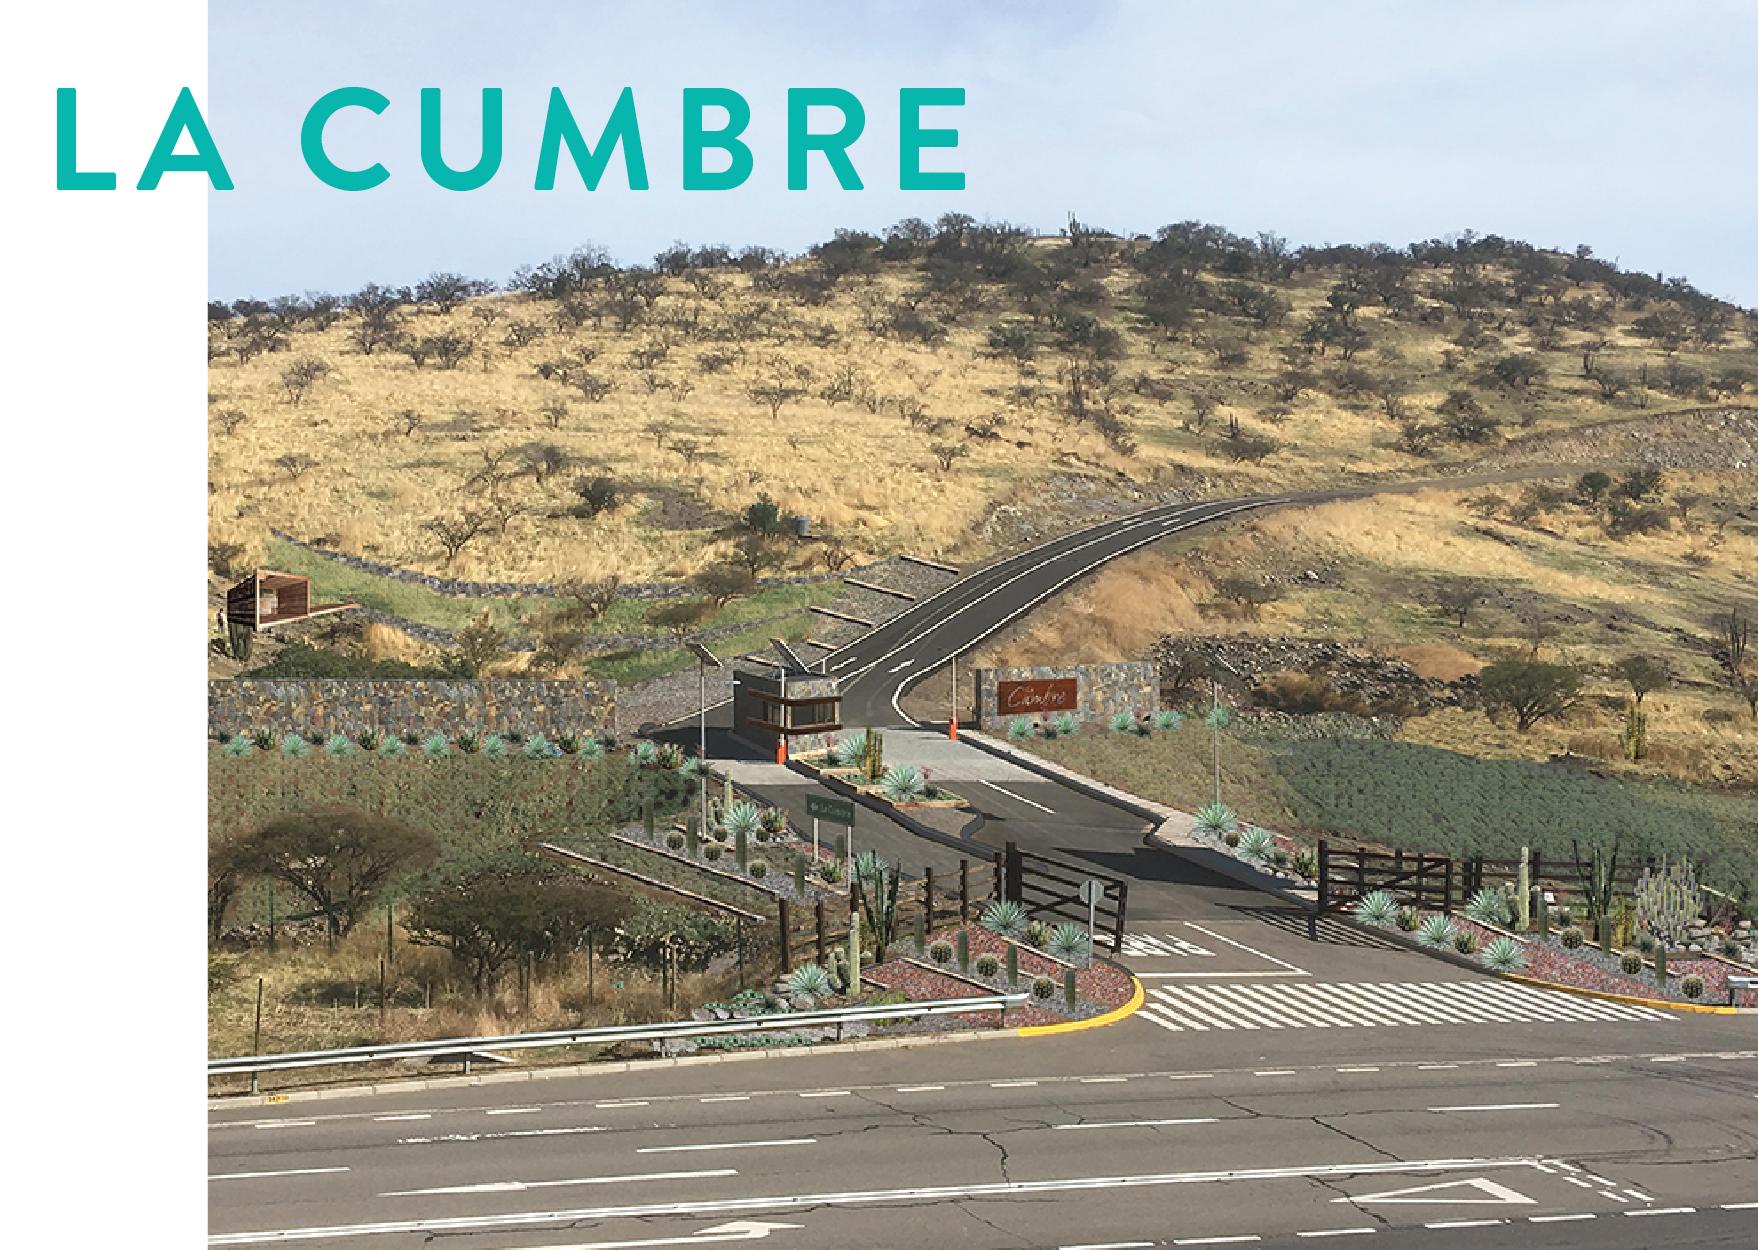 Formato Panoramico La Cumbre-01.jpg